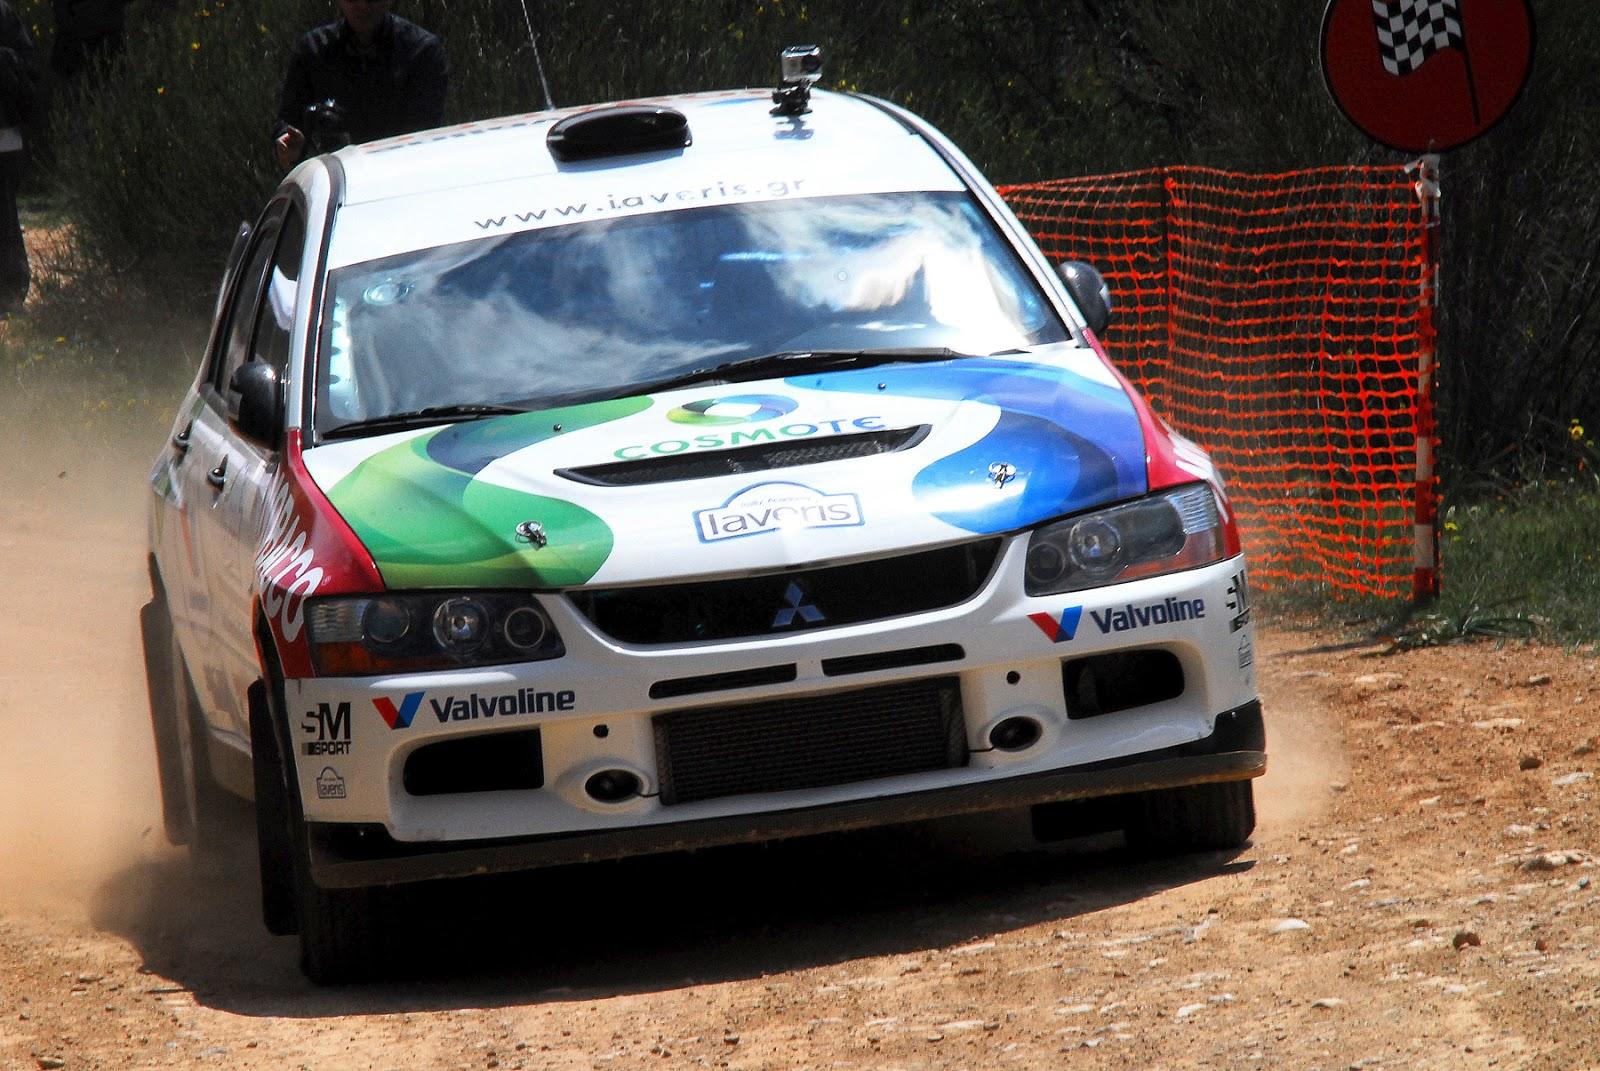 04 Ο Ιαβέρης Junior επιστρέφει στο Acropolis! Rally, Rally Acropolis, Seajets rally acropolis, zblog, ιαβέρης